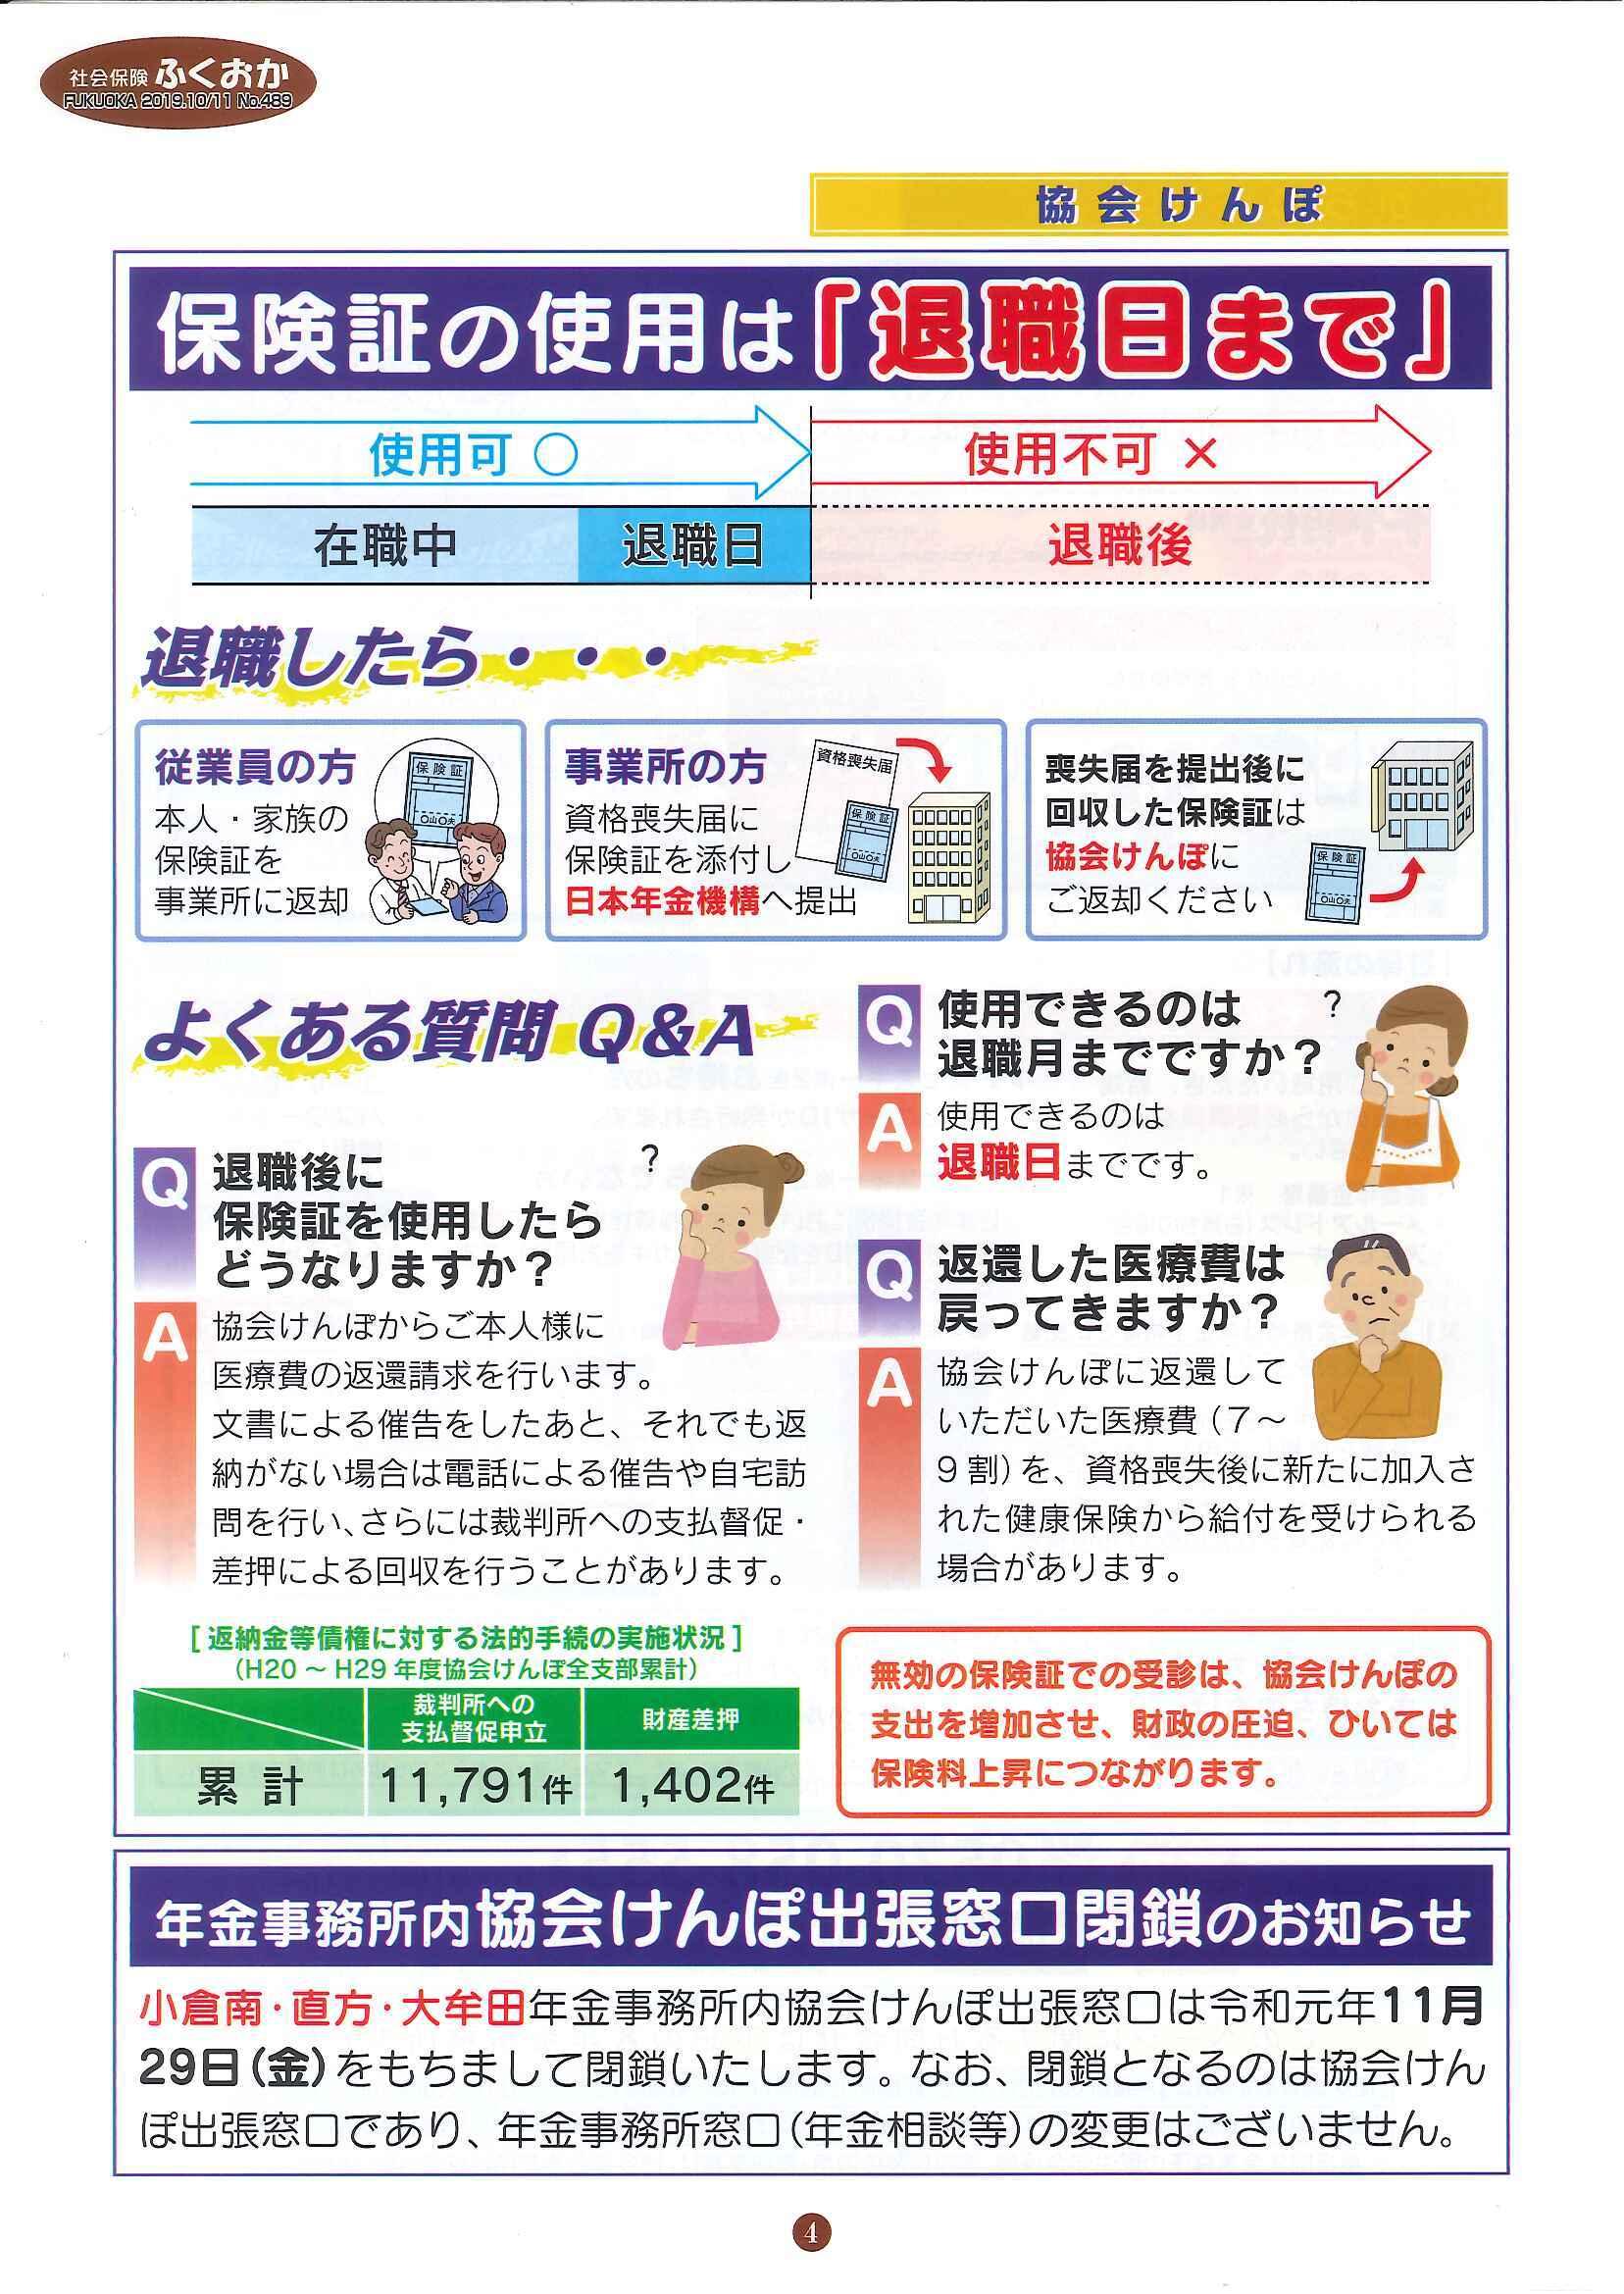 社会保険 ふくおか 2019年10・11月号_f0120774_11305796.jpg